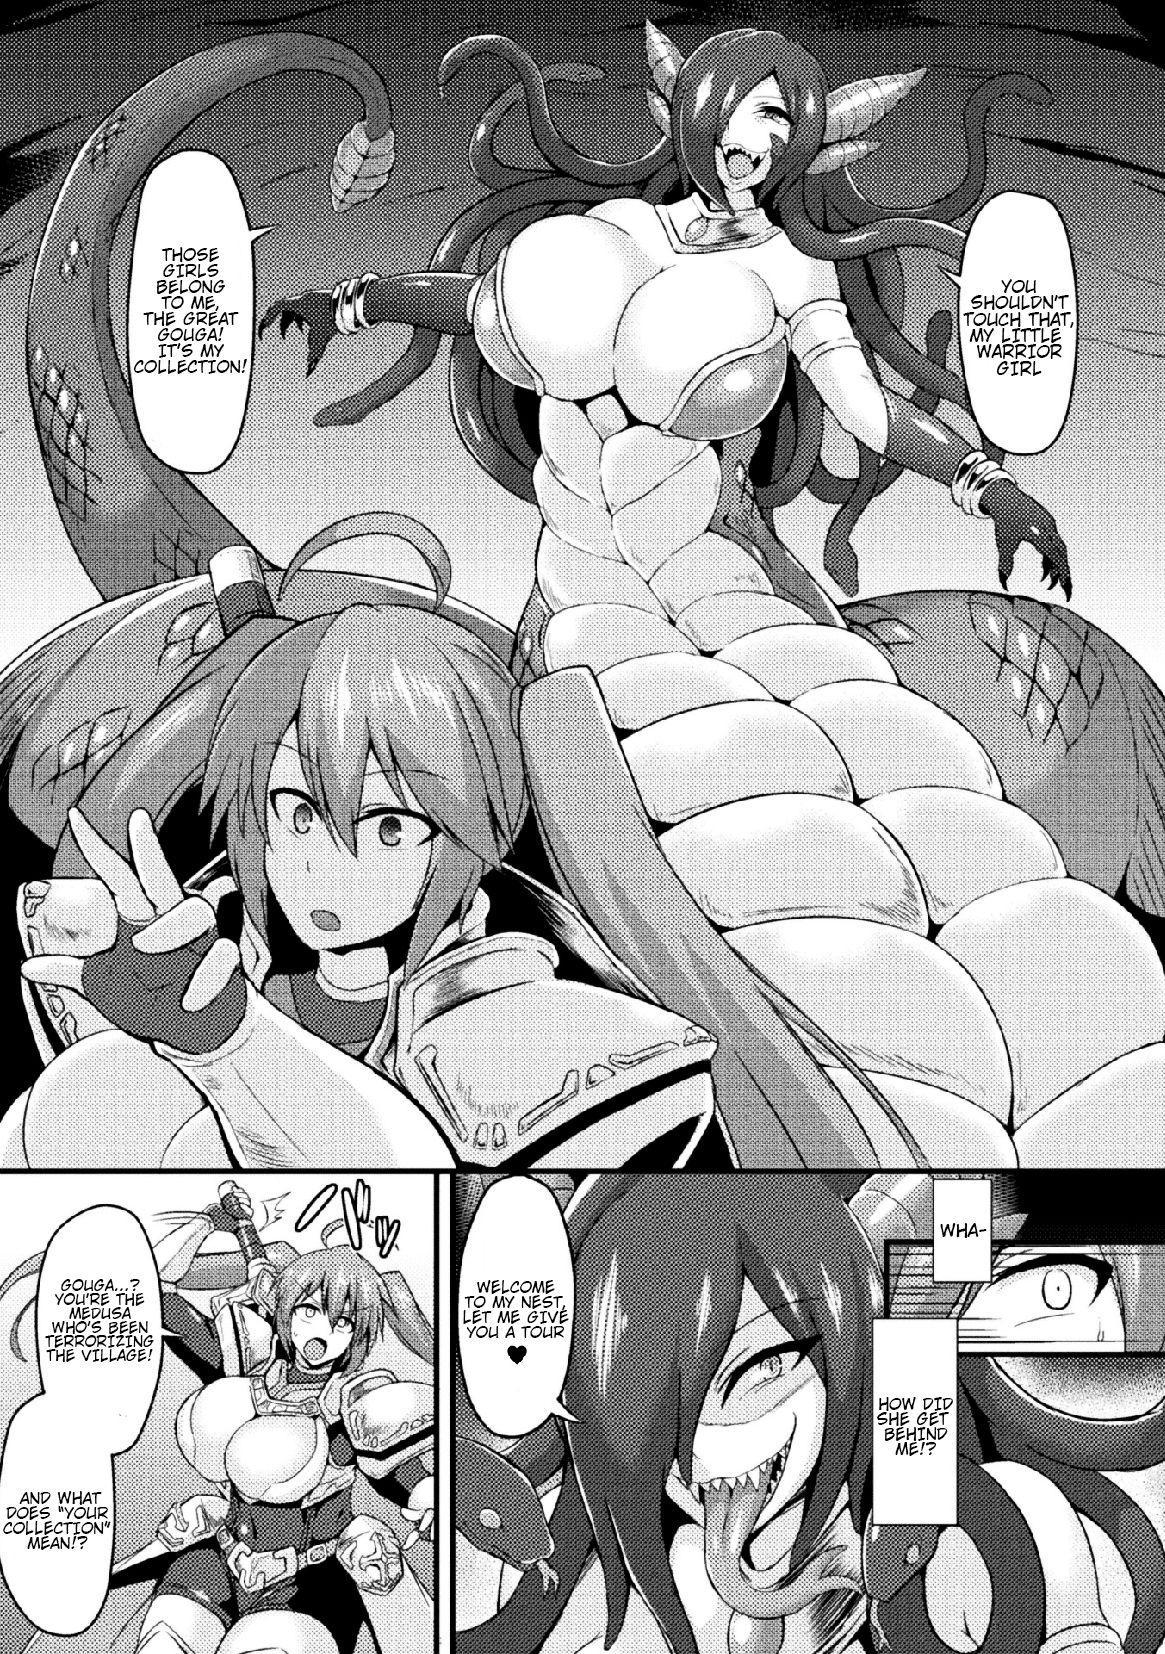 Medusa no Shinjitsu 6